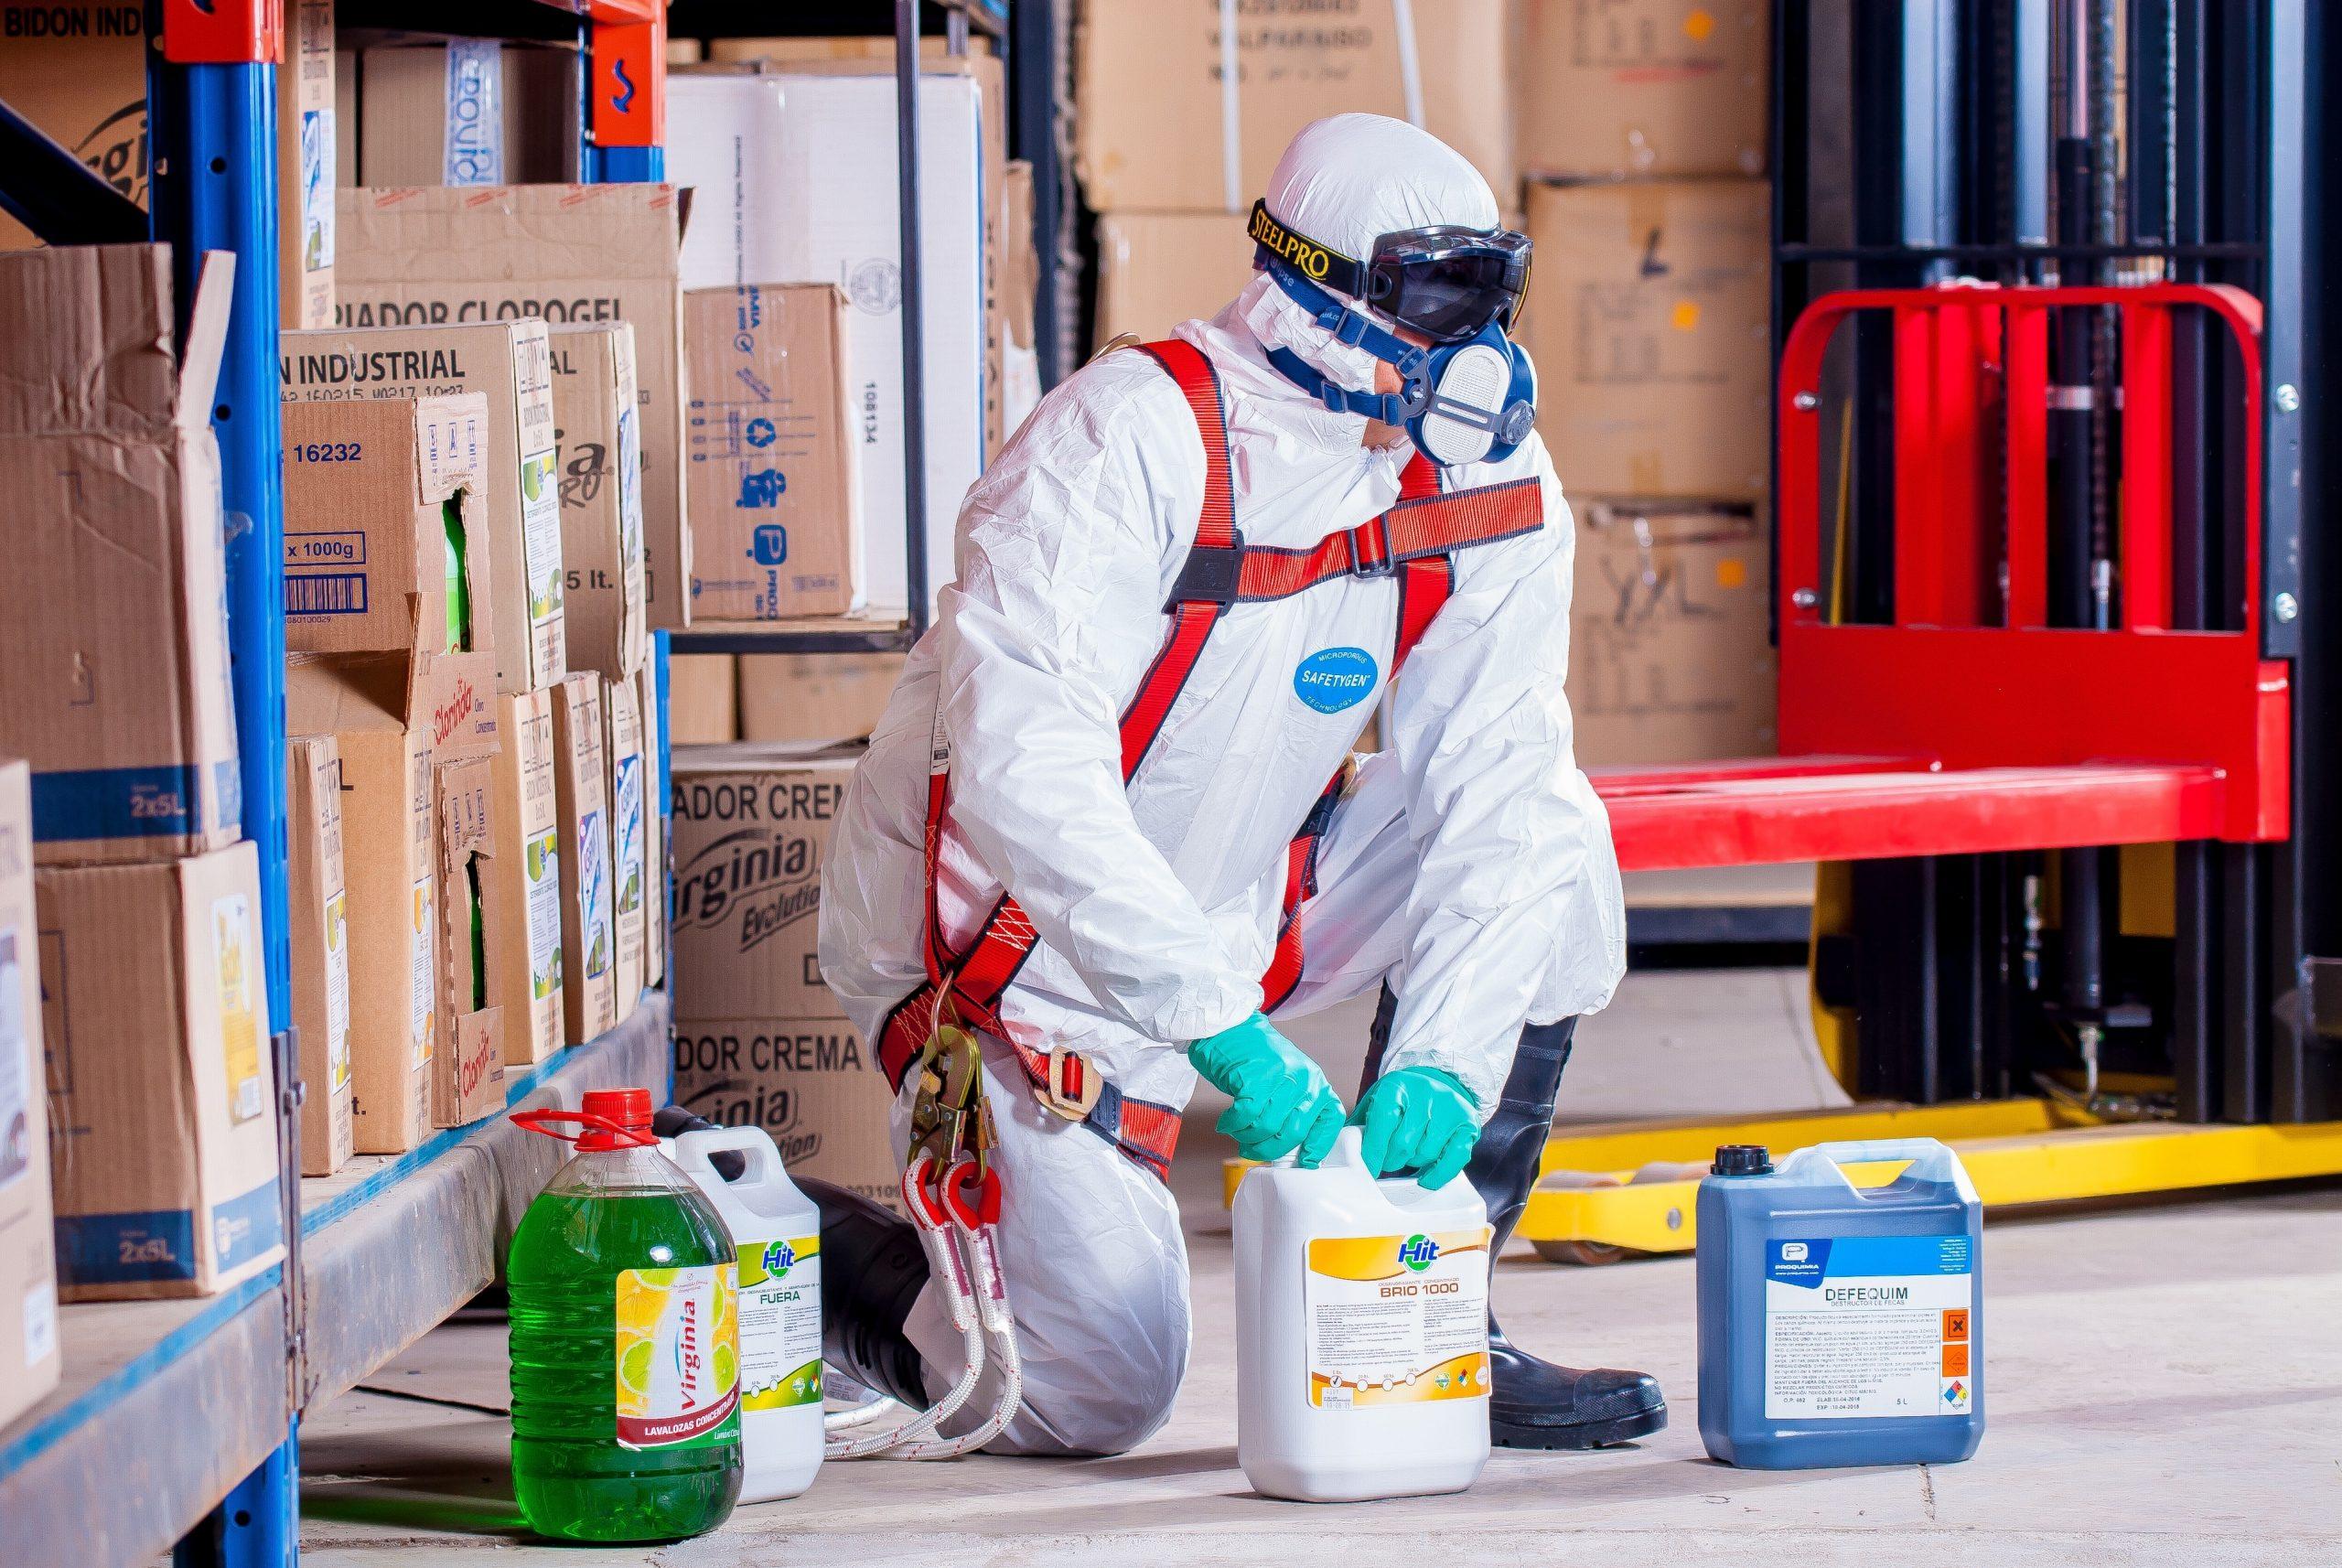 TRAINING BASIC SAFETY FOR CHEMICAL HAZARDS